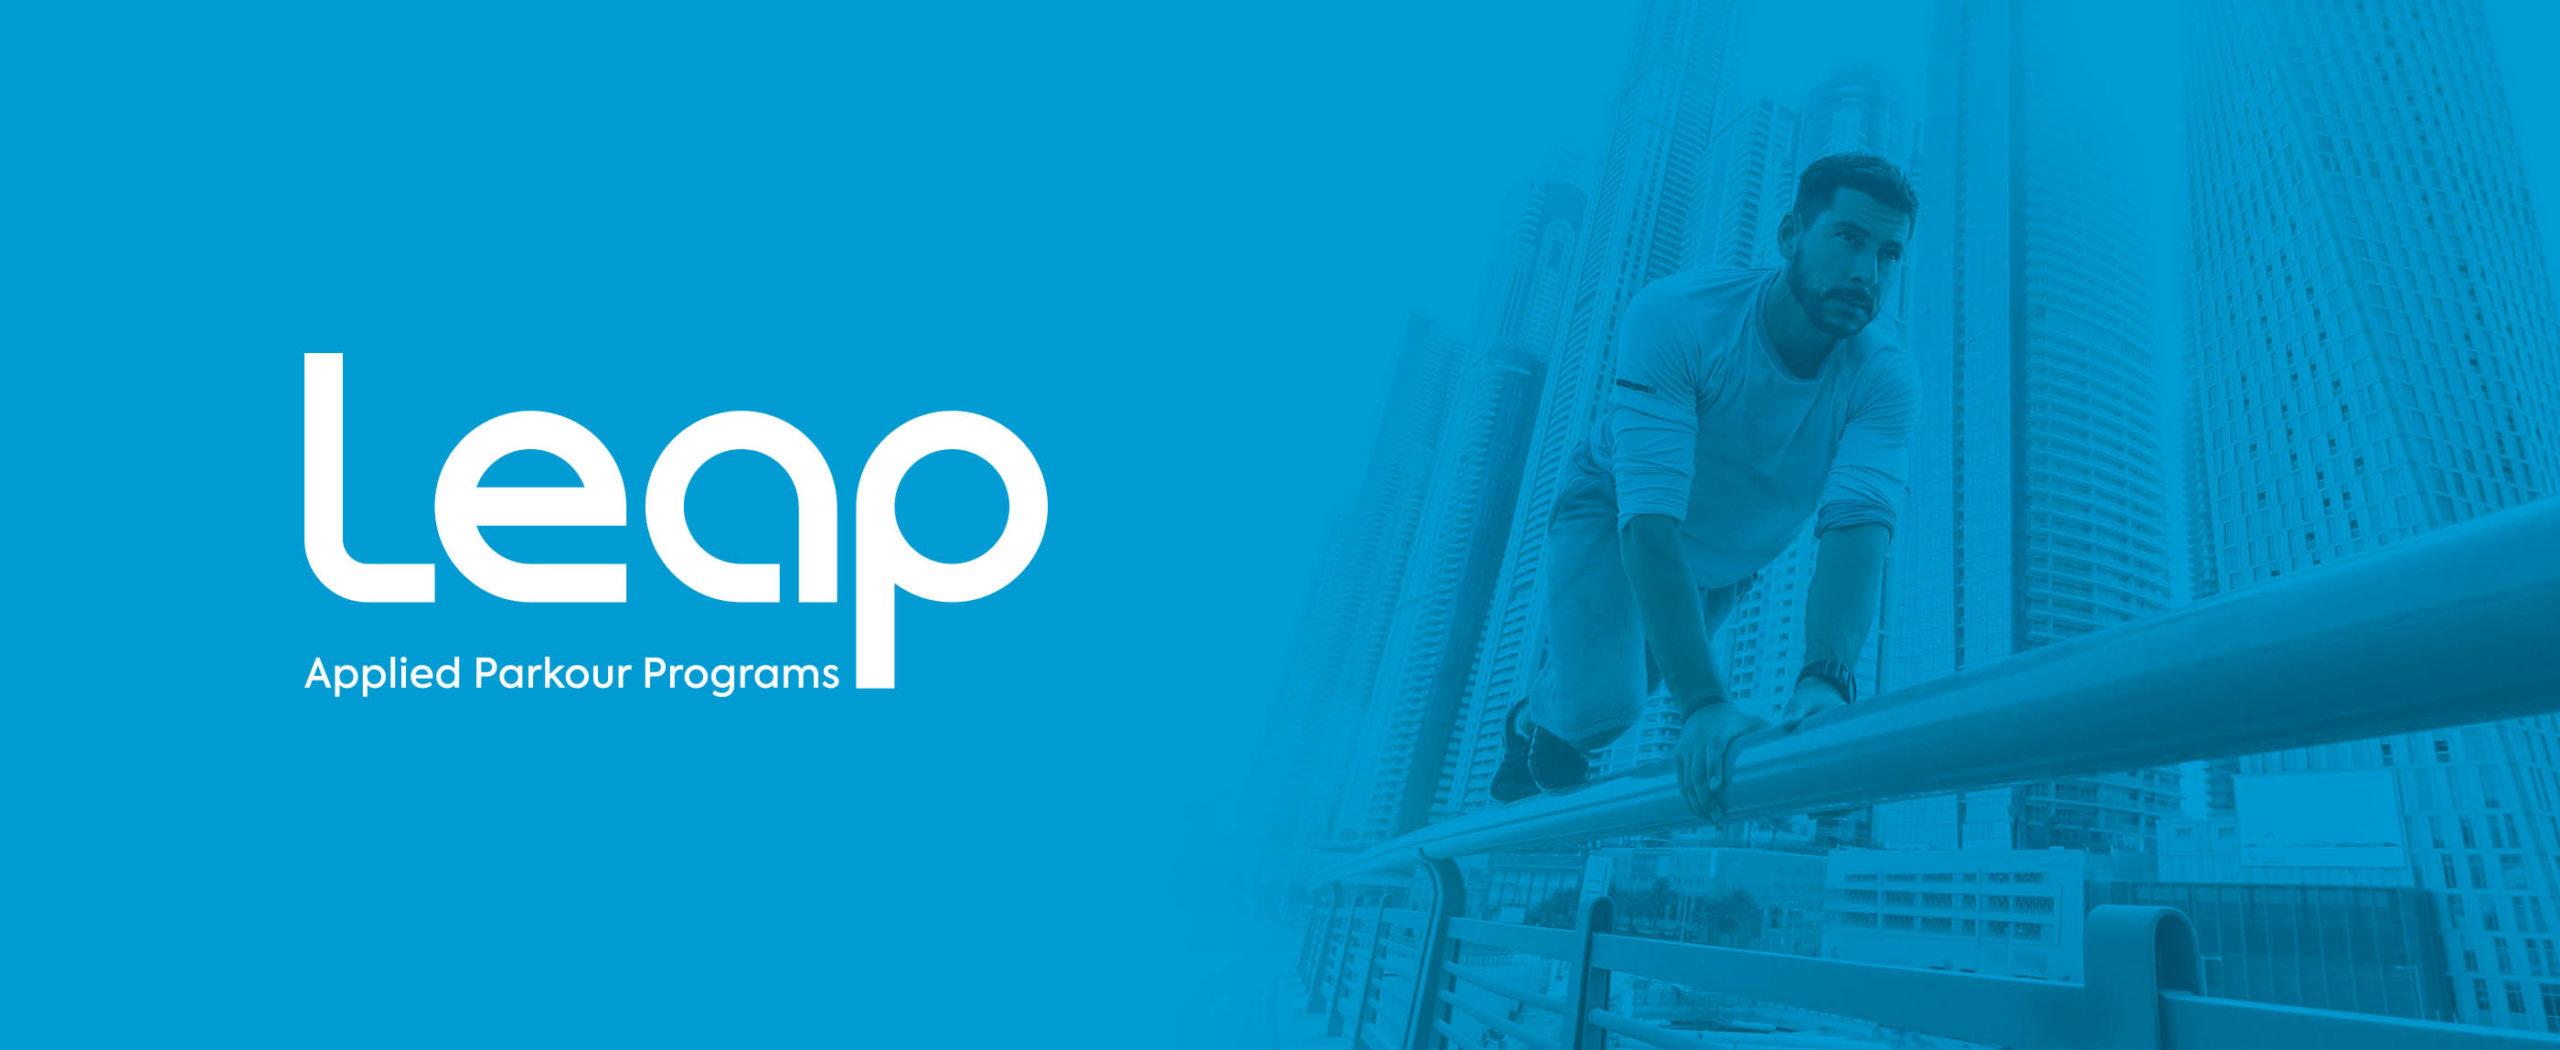 Leap-Parkour-Dubai-Branding-2